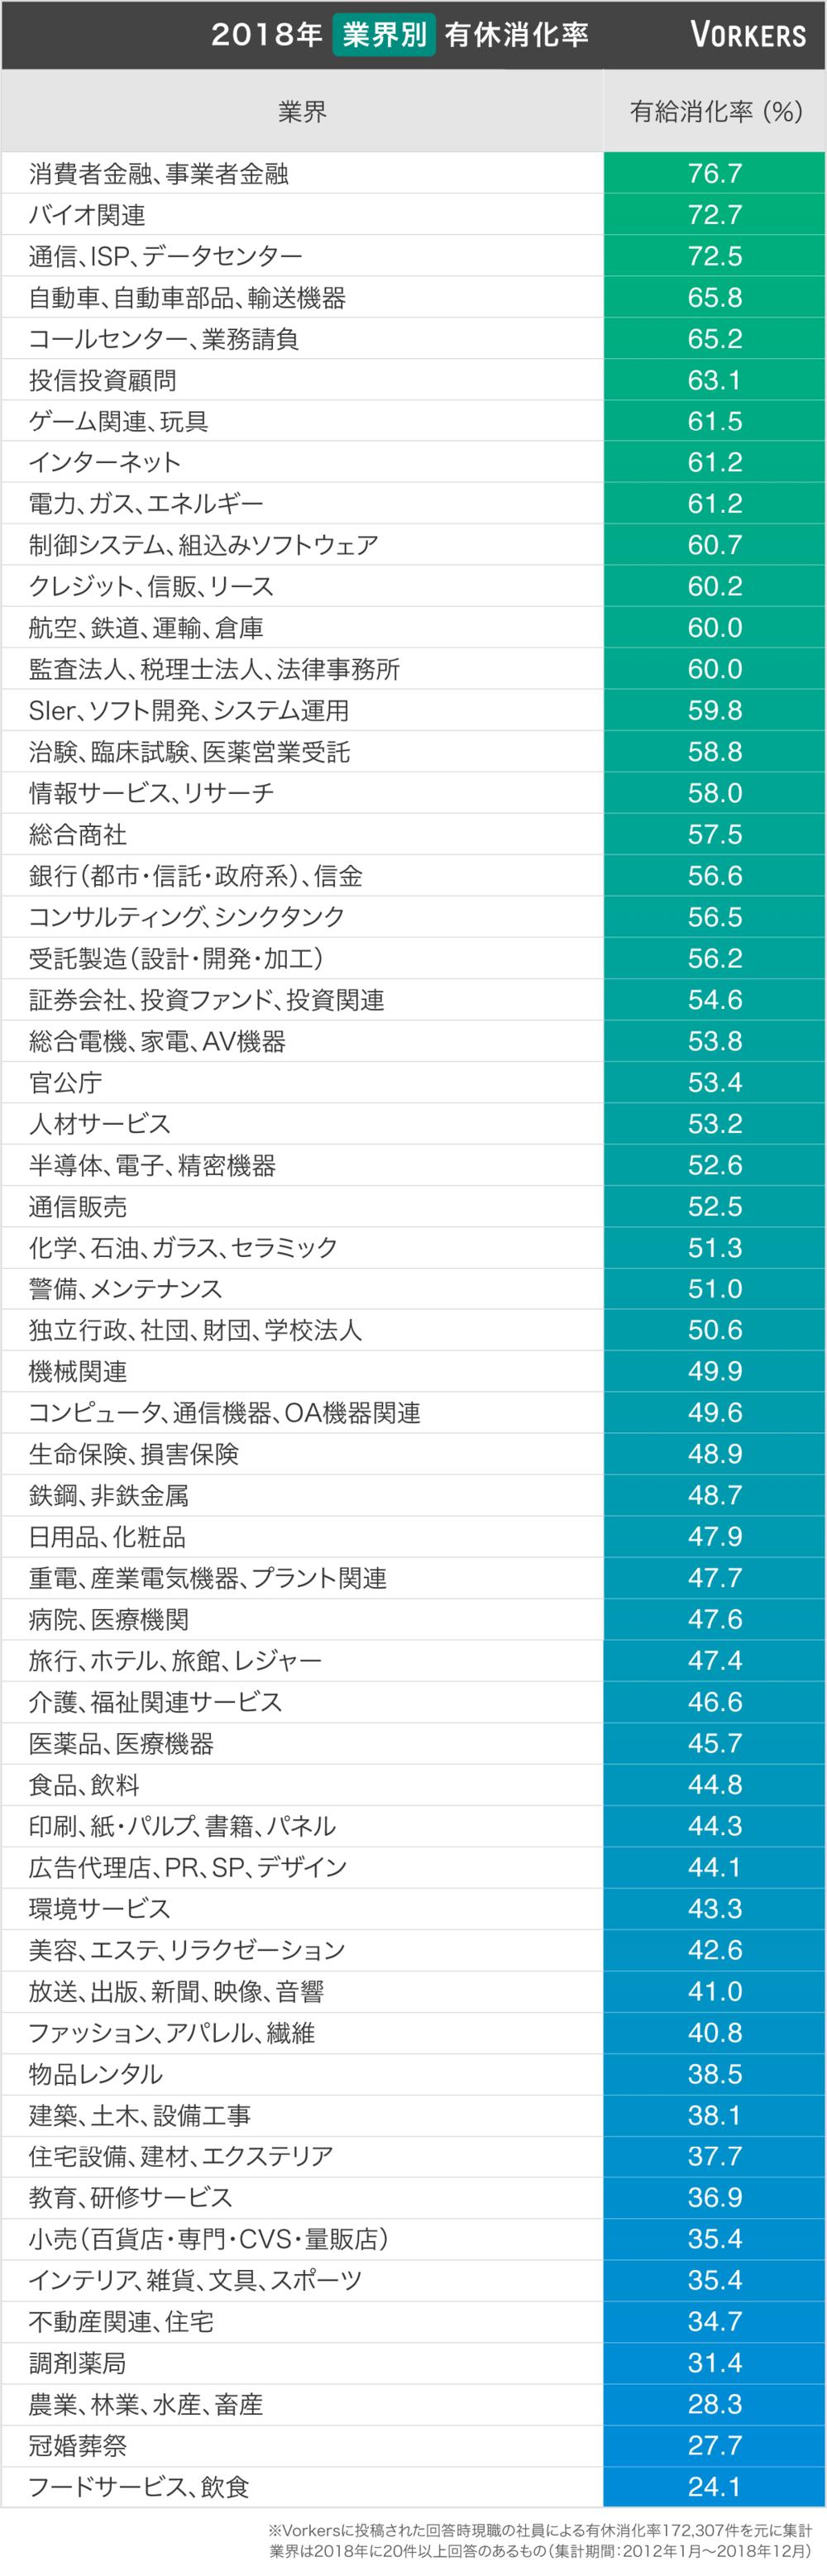 業界別有給消化率のランキング(ヴォーカーズ「働きがい研究所」提供)